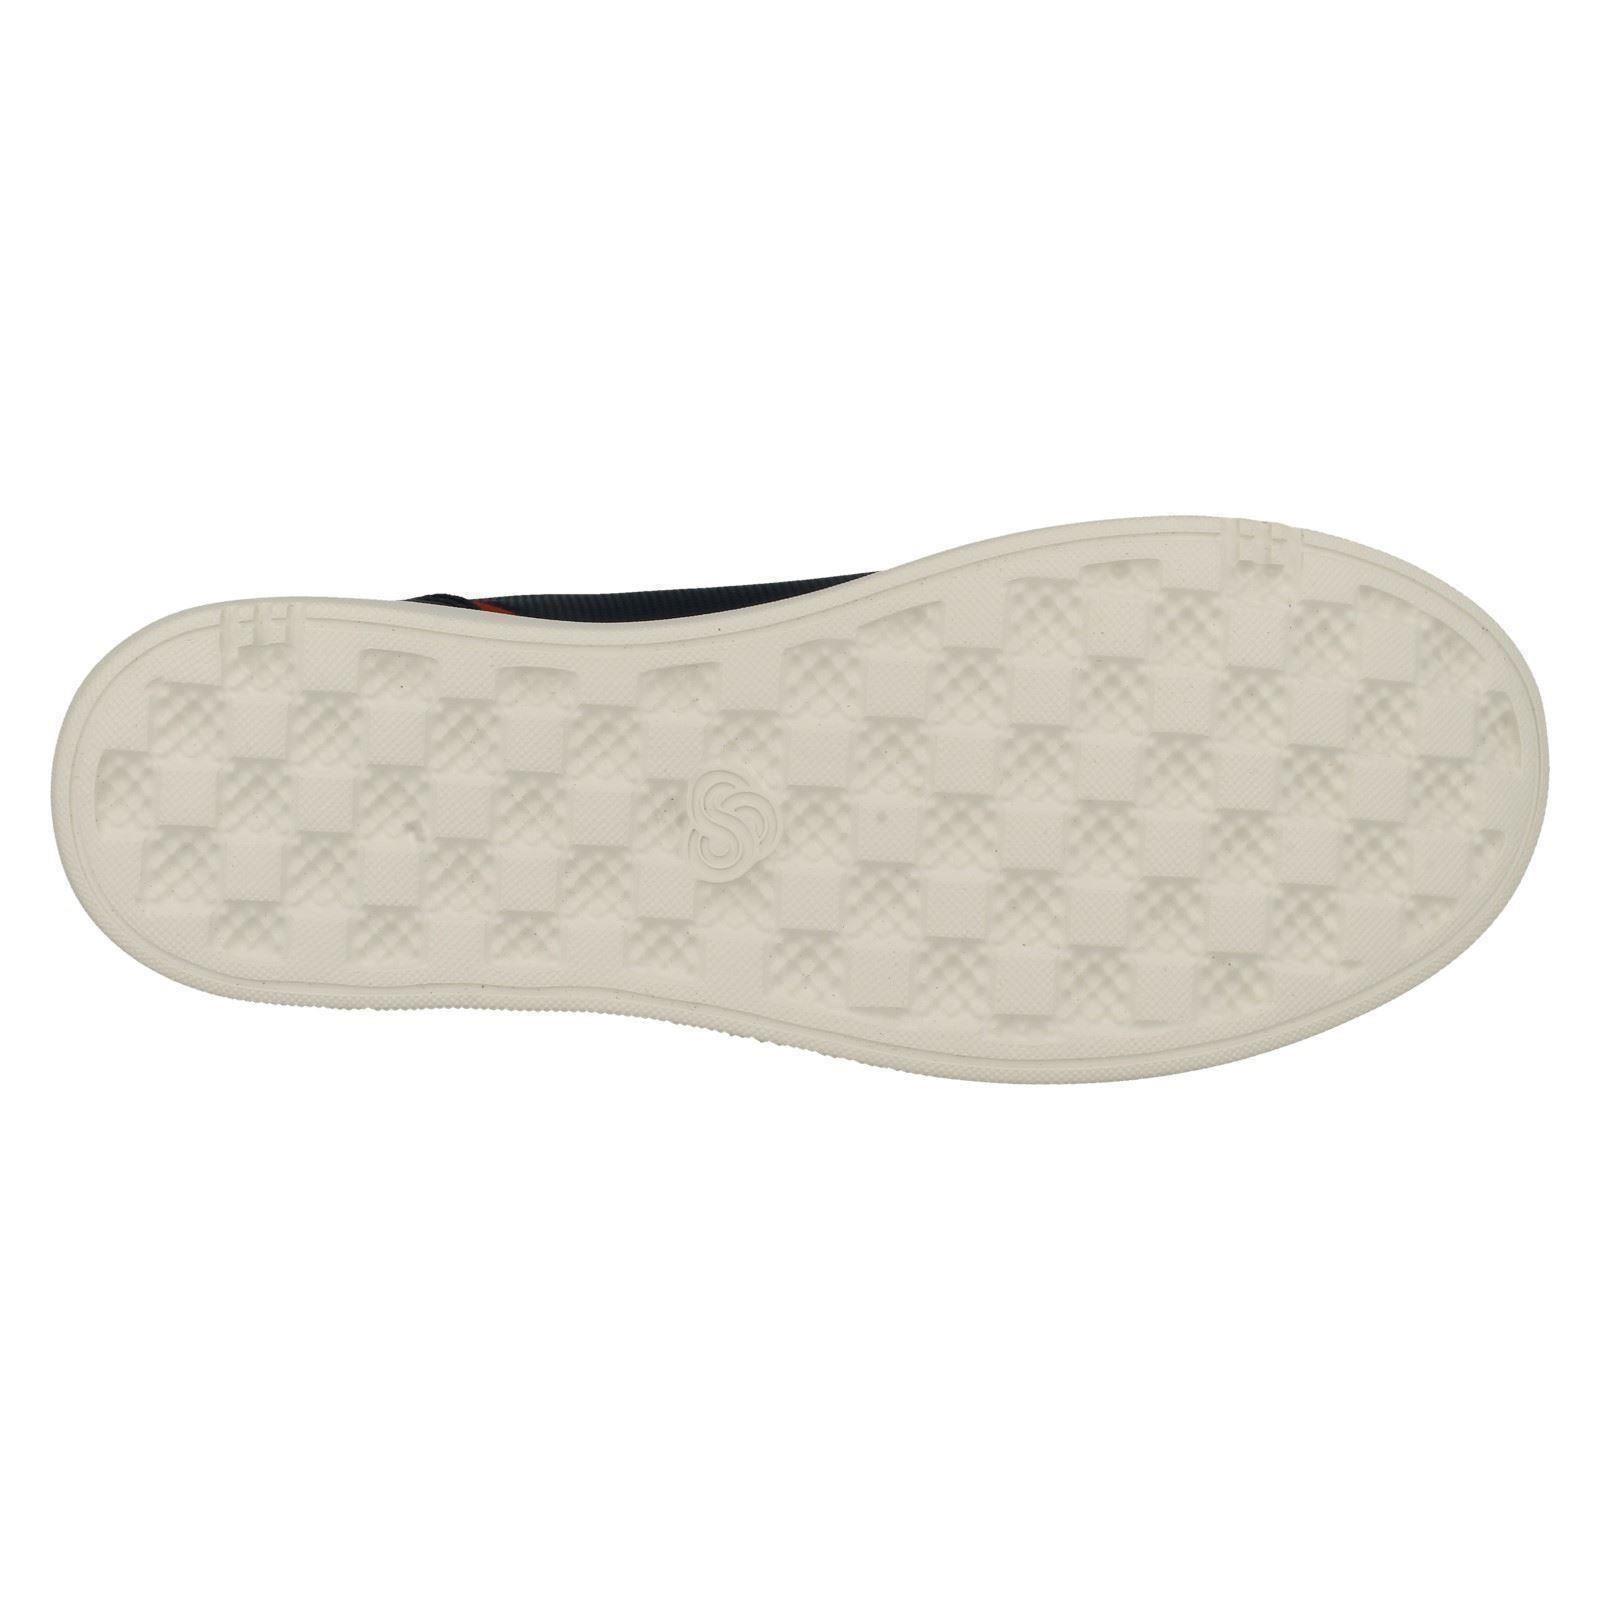 À Clarks Lacets Baskets Verve Décontracté Step Chaussures' Lo Femmes ' qTUE5xq